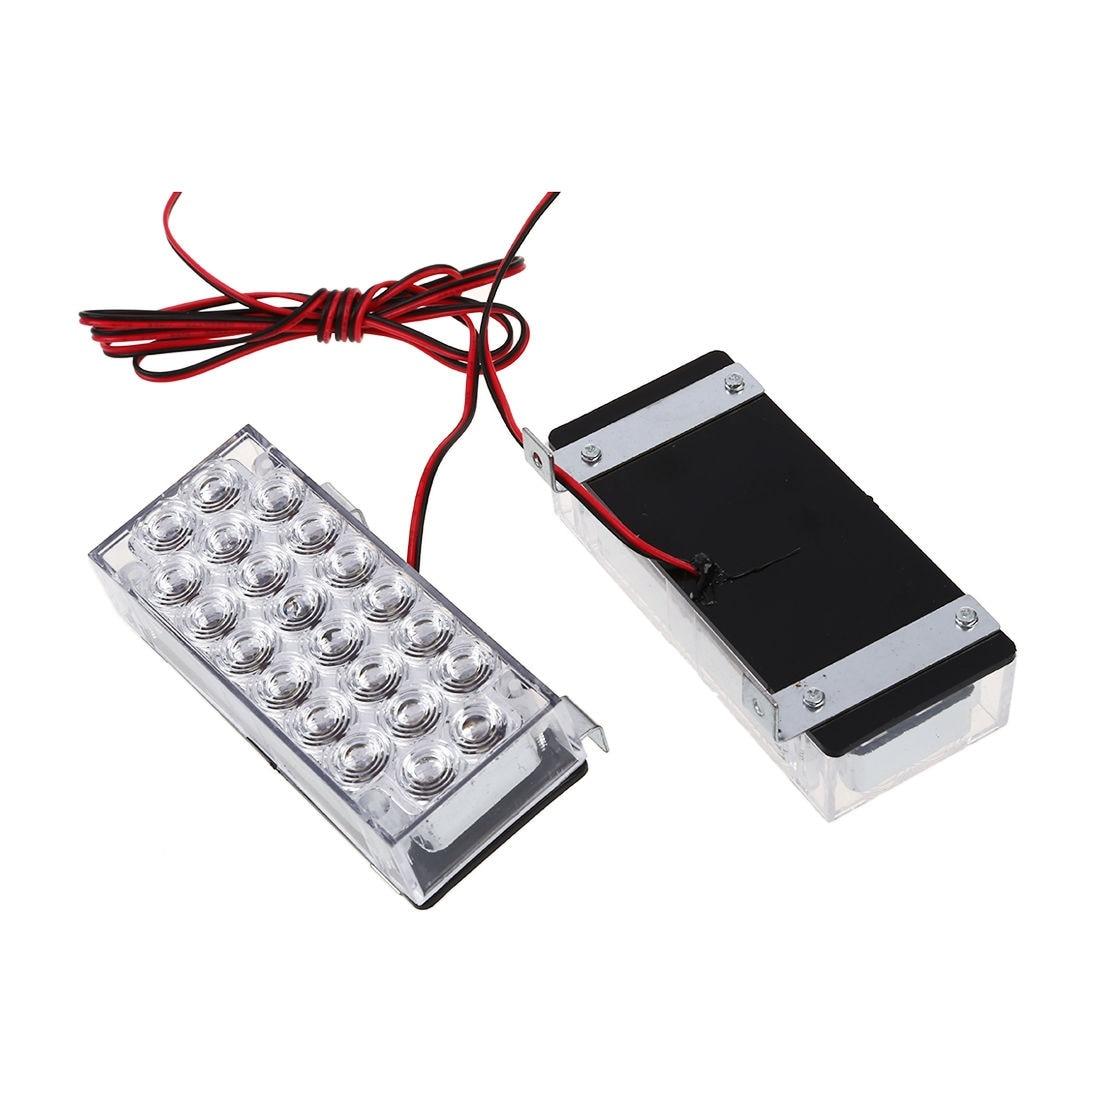 2 Pcs Of MOOL 3 Modes 22 LED Strobe Taillight Flashing White